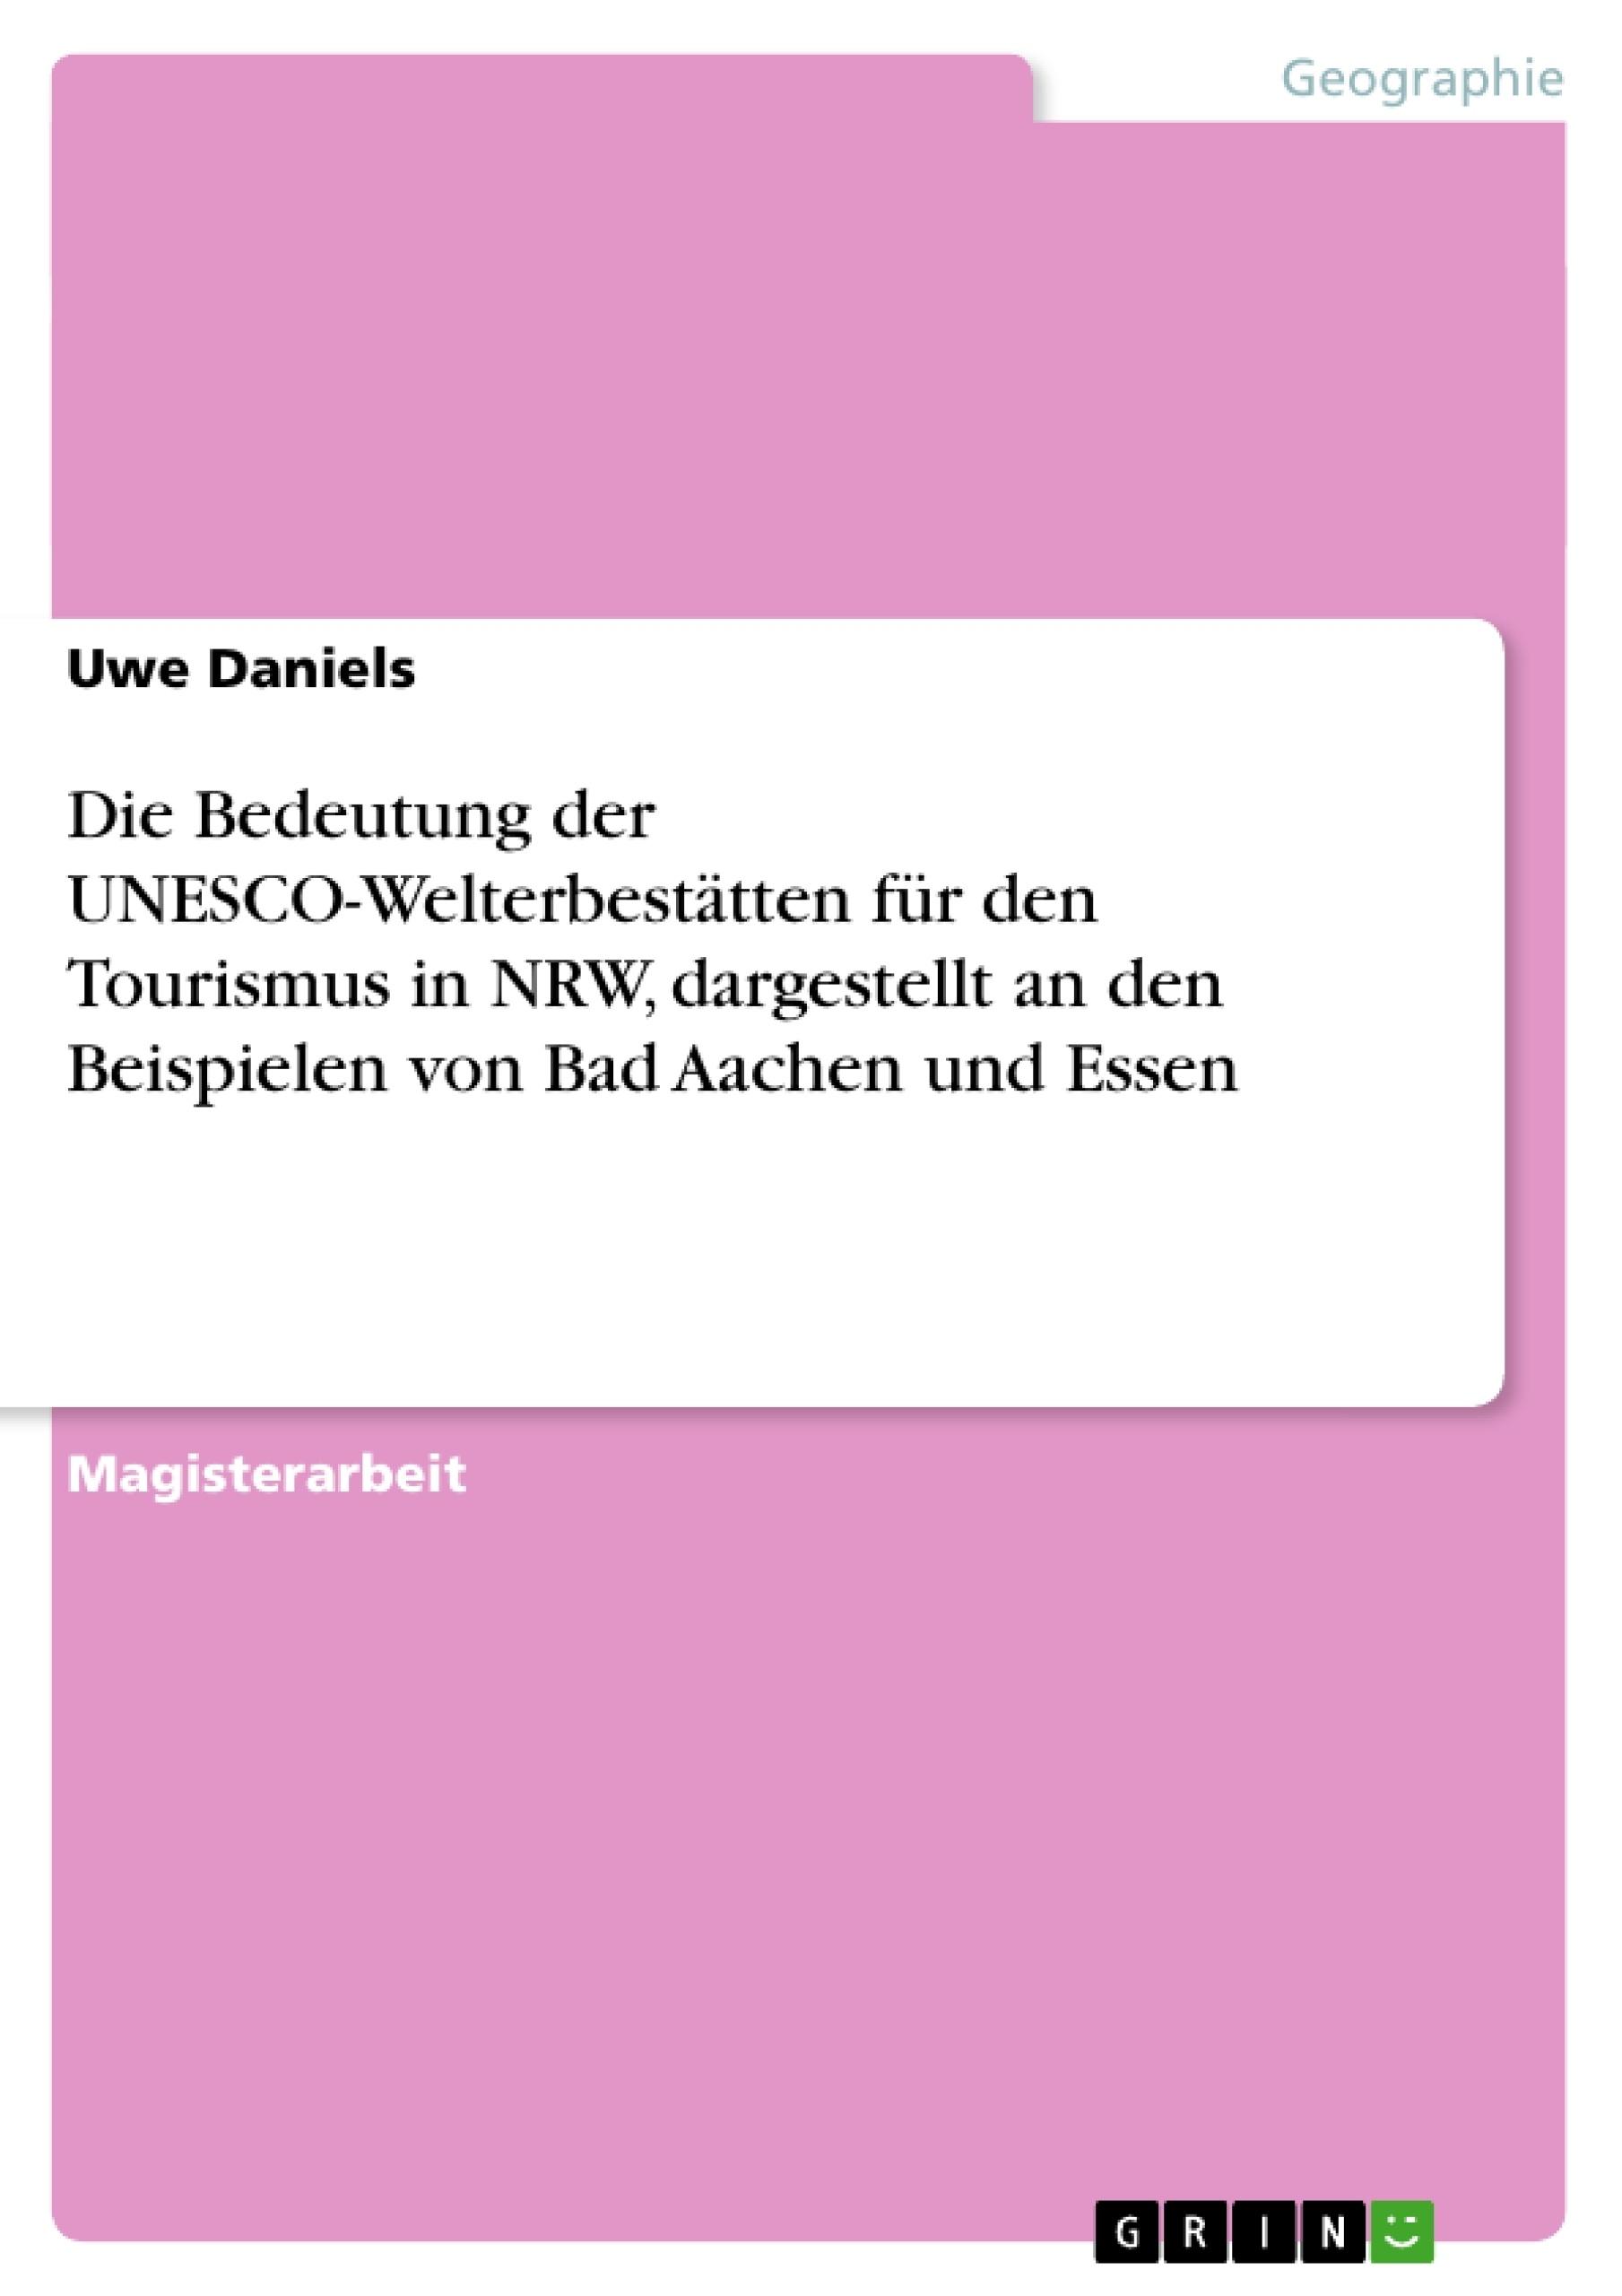 Titel: Die Bedeutung der UNESCO-Welterbestätten für den Tourismus in NRW, dargestellt an den Beispielen von Bad Aachen und Essen